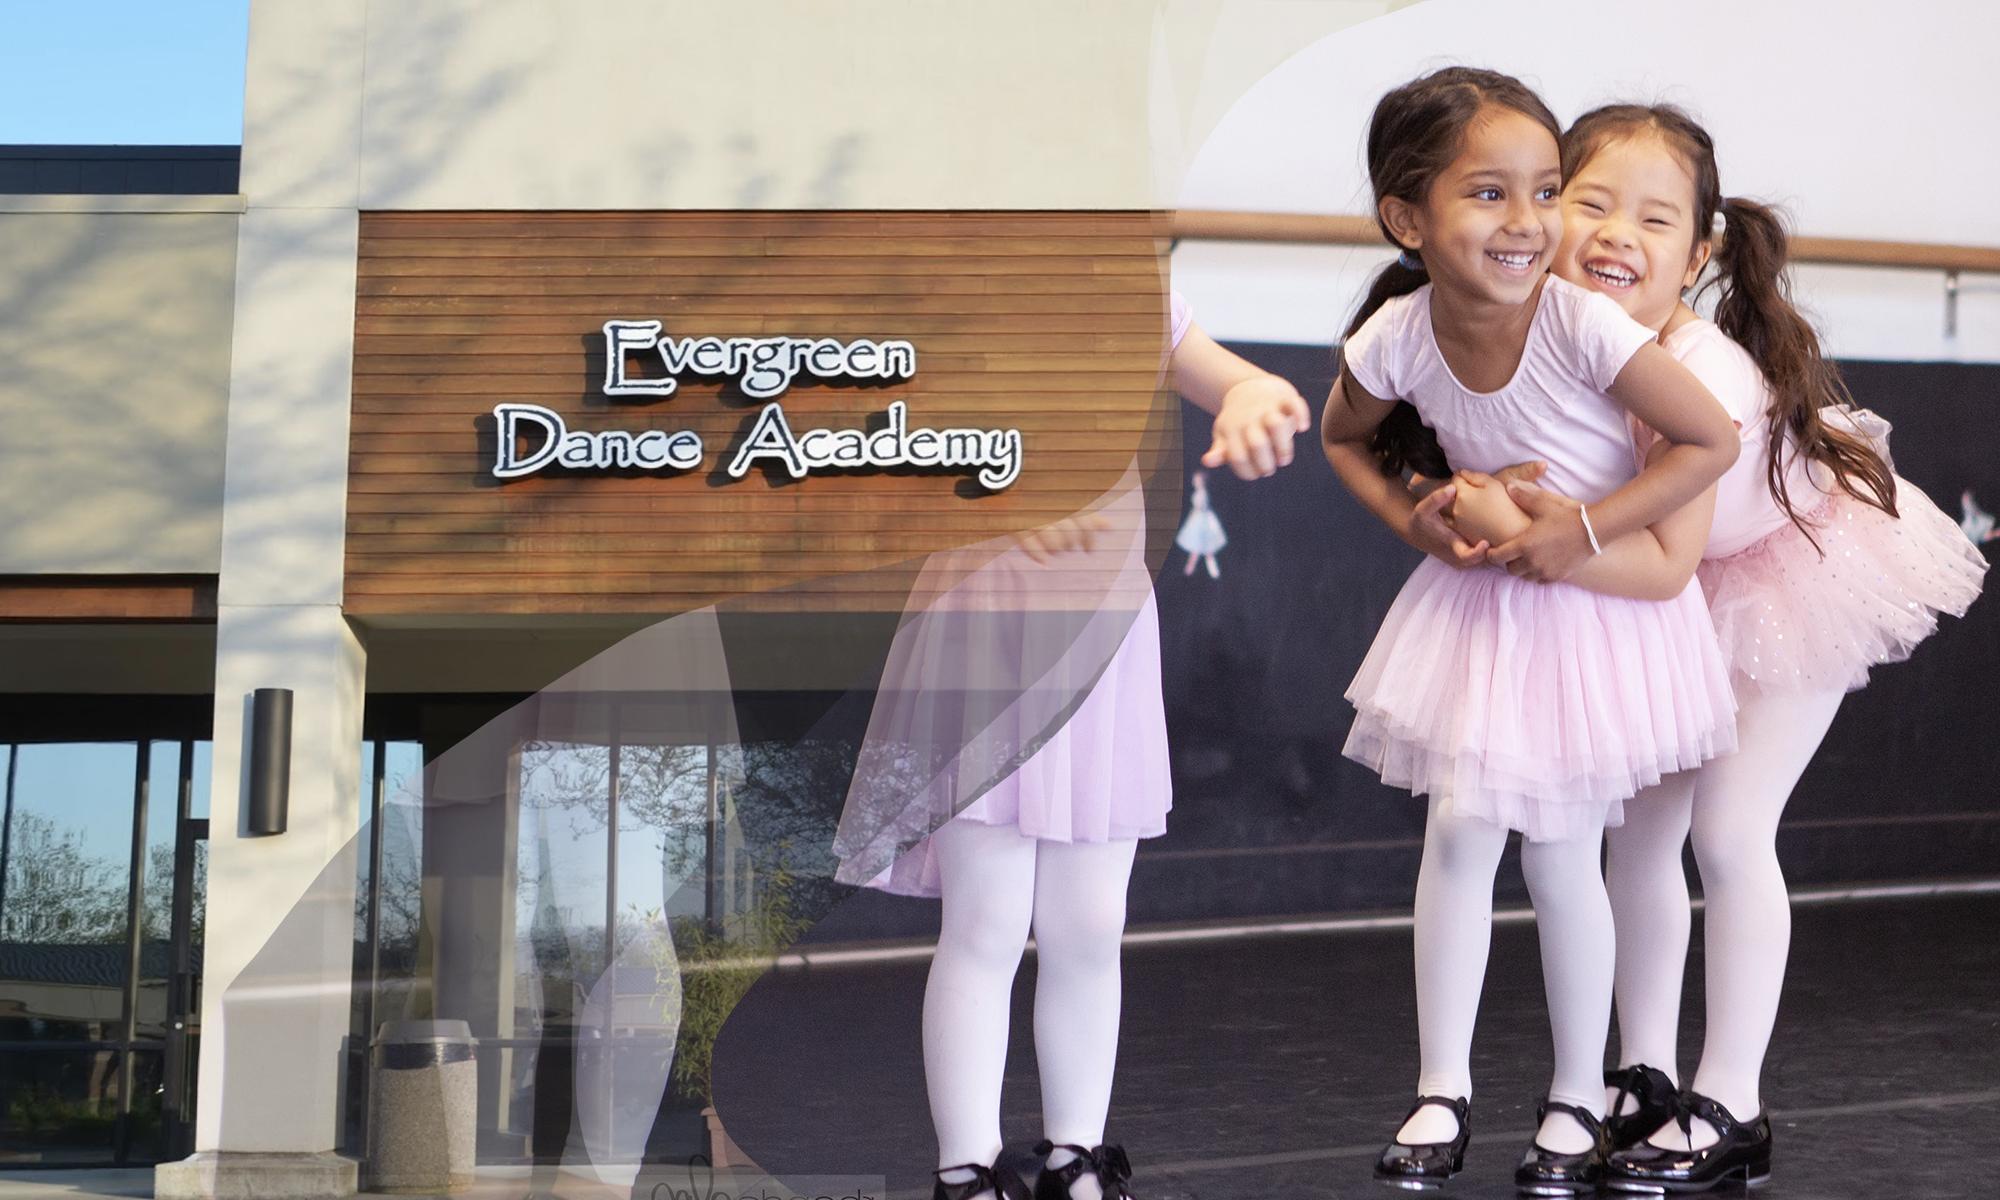 Evergreen Dance Academy